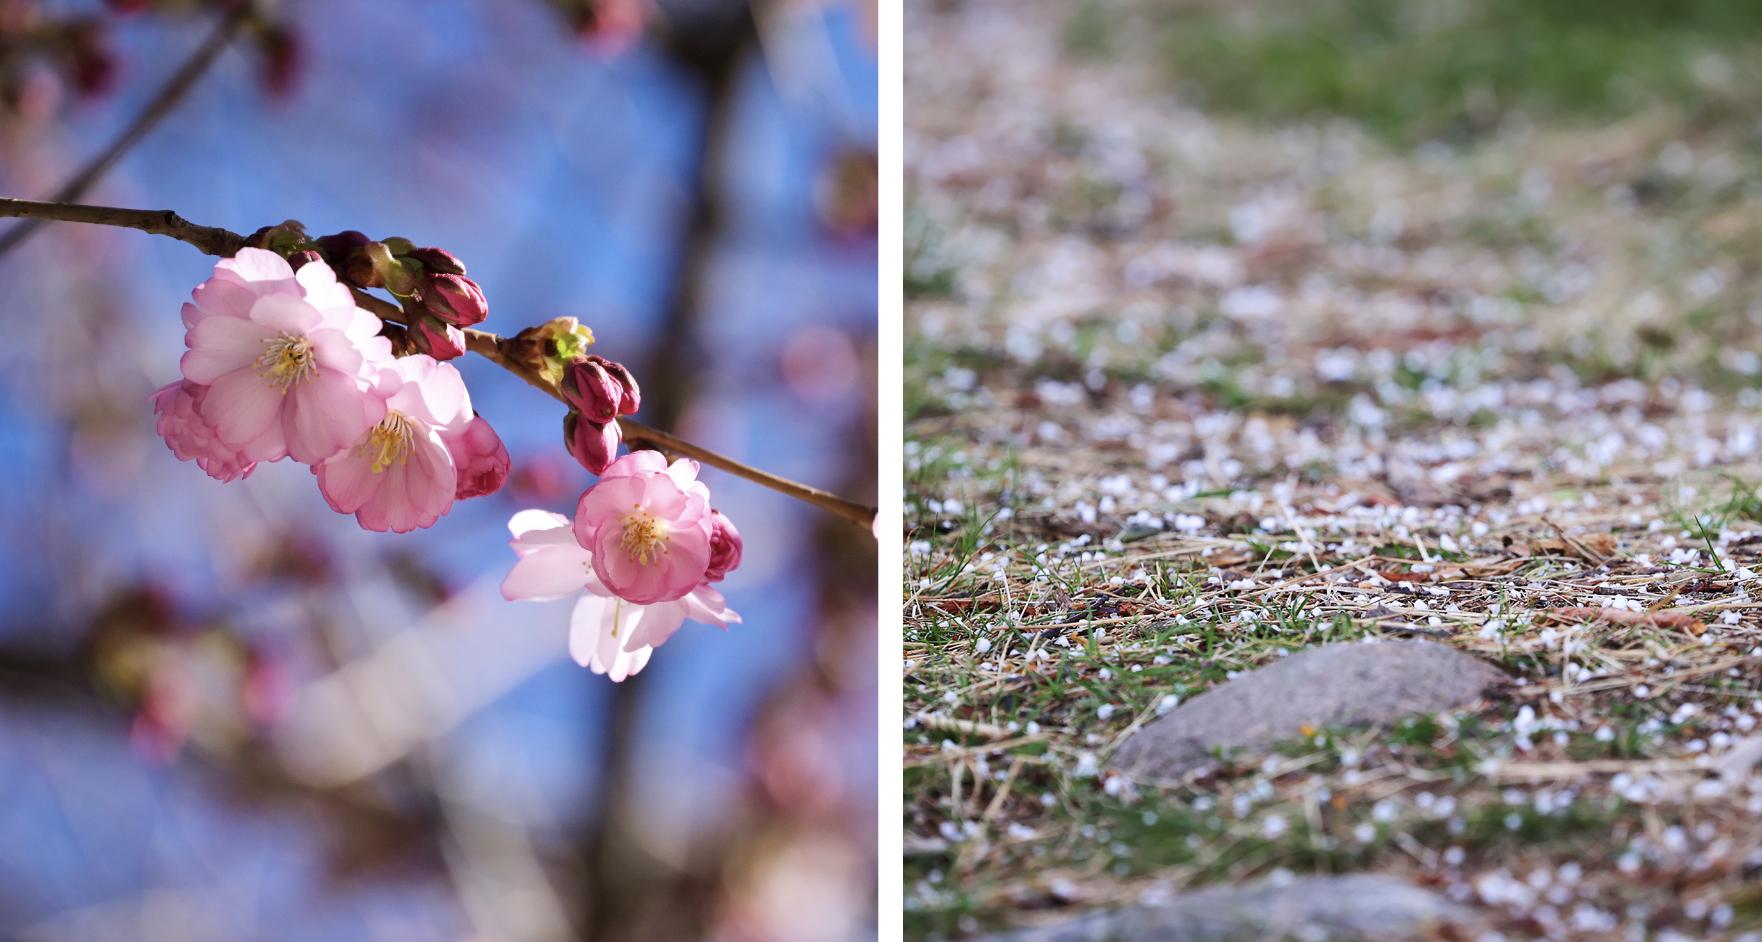 Två bilder. Den enda på körsbärsblommor. Den andra på hagel som ligger på marken.